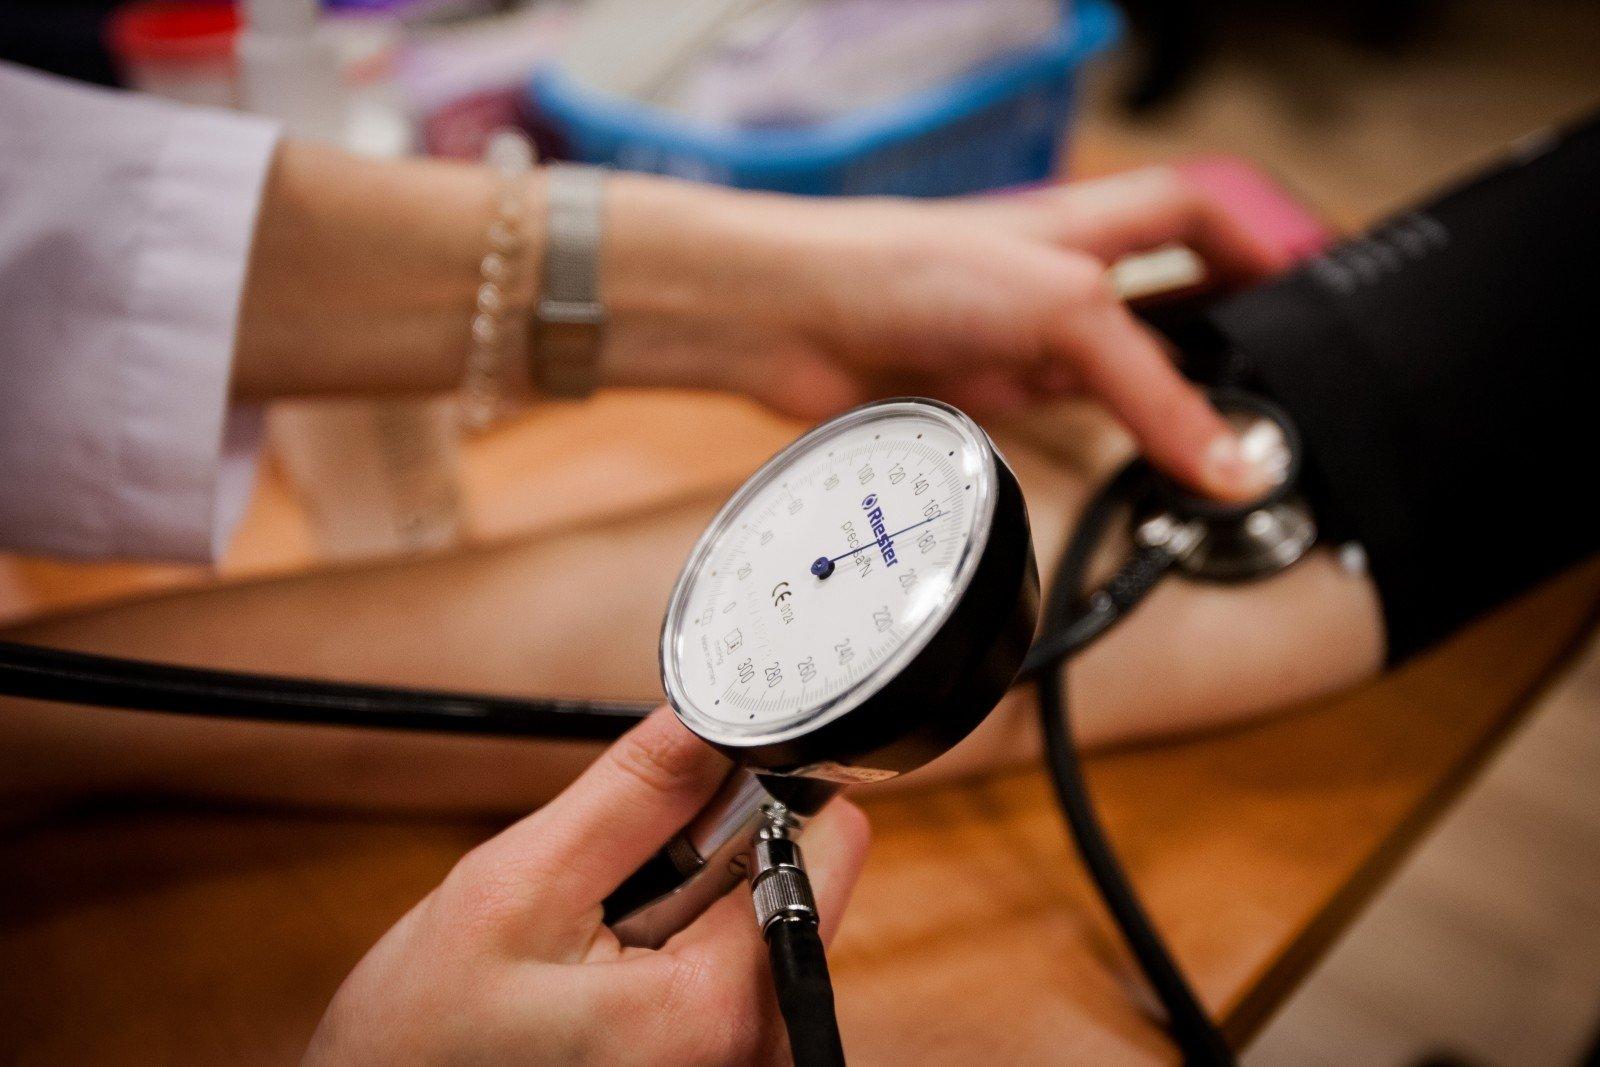 hipotenzija virsta hipertenzija hipertenzija, kas yra viršutinis ir apatinis slėgis